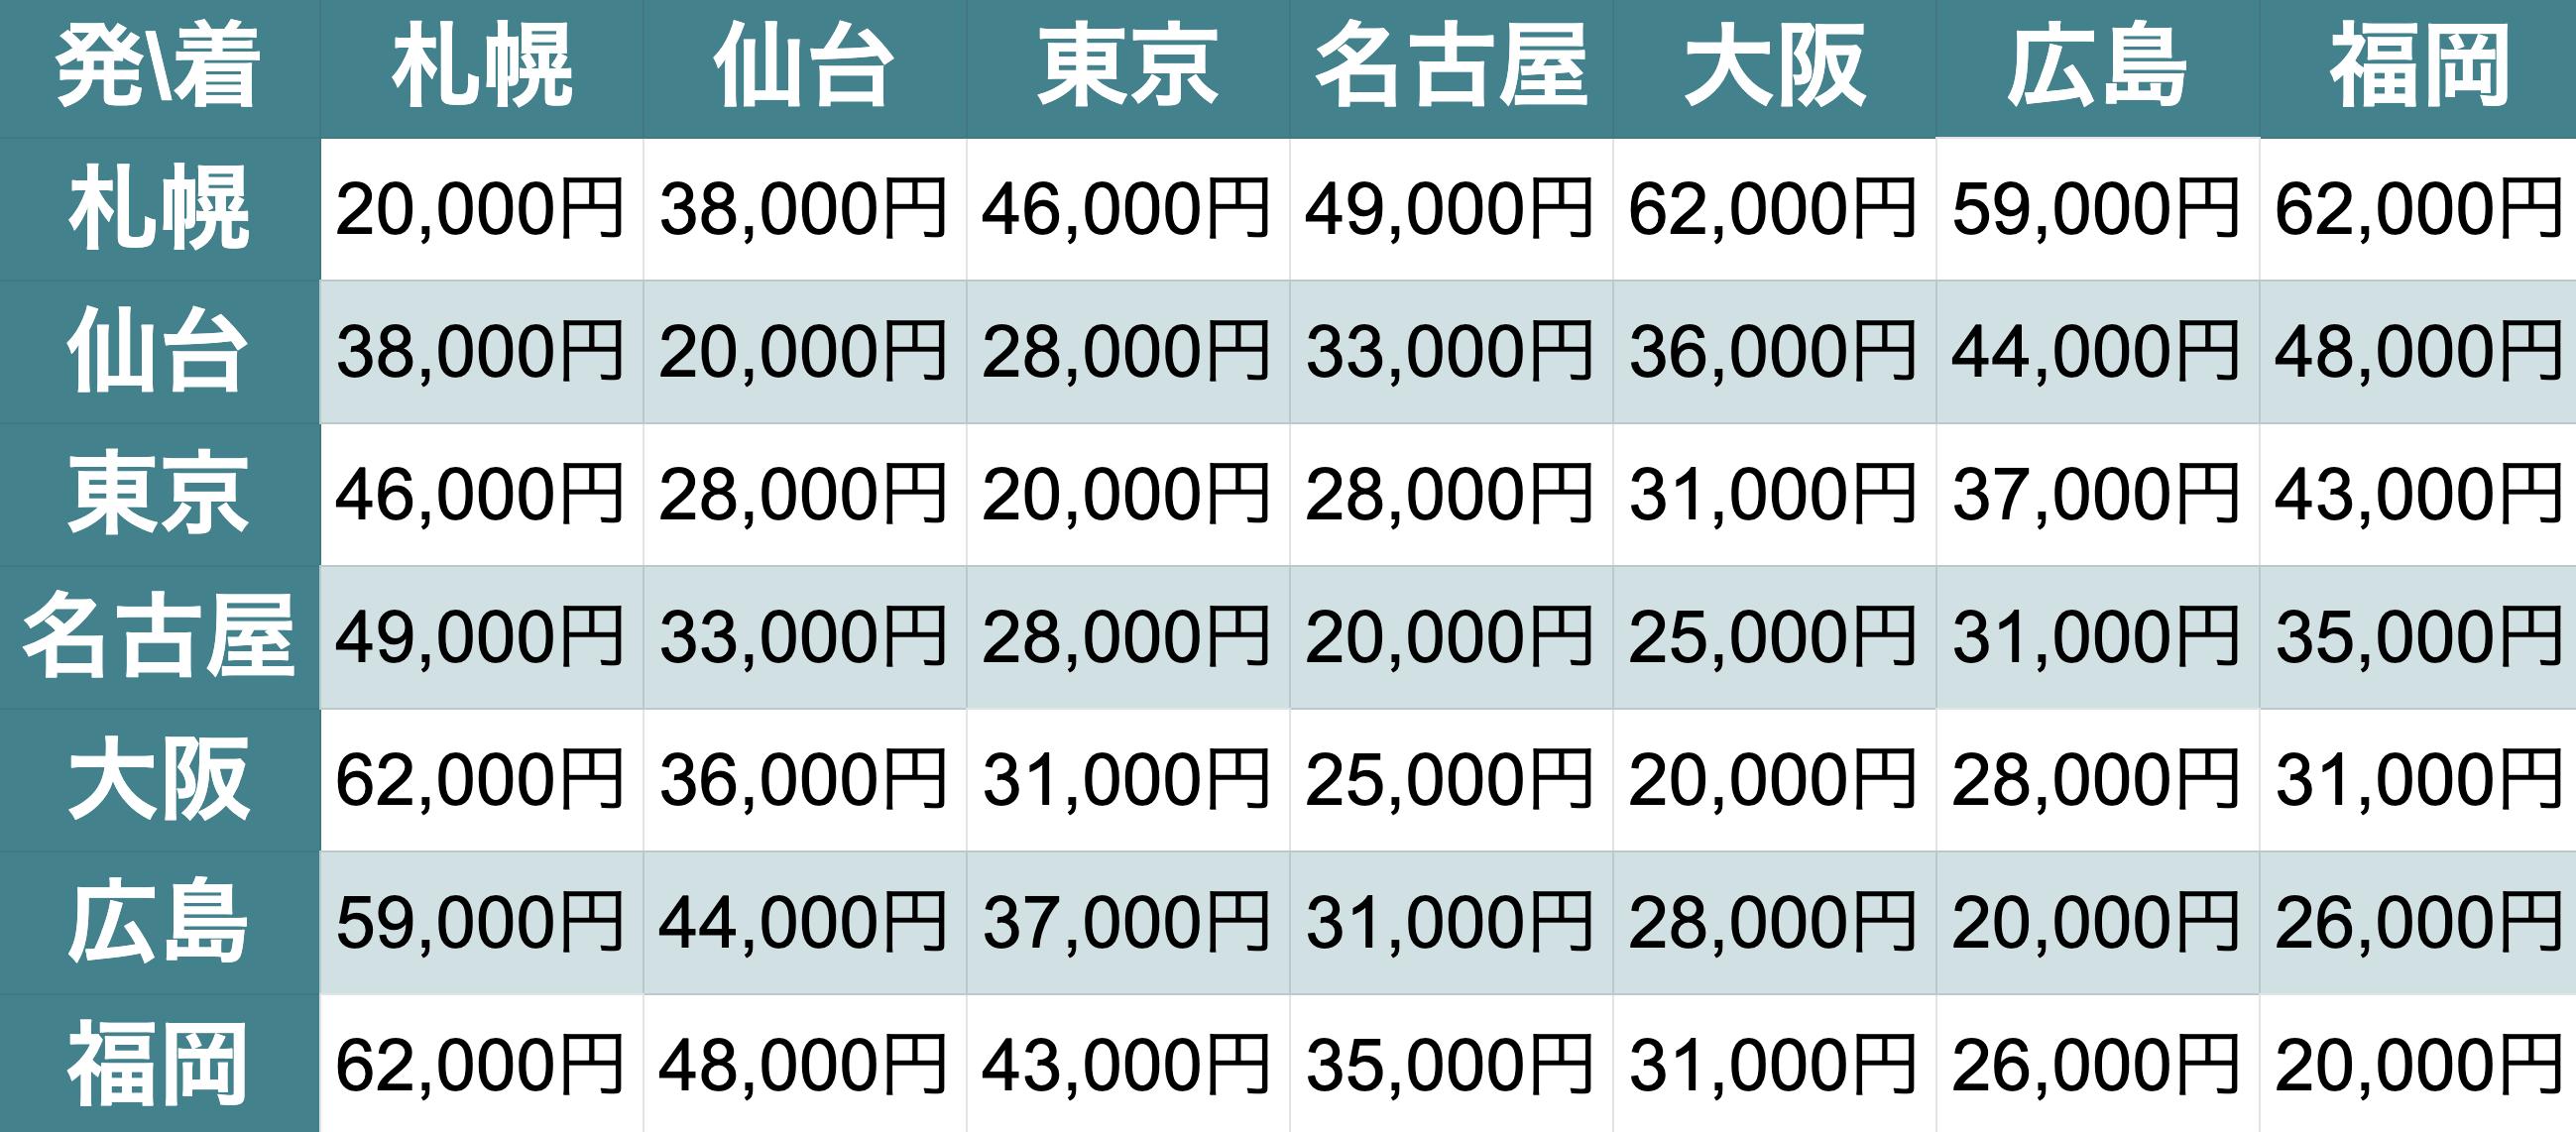 単身パックLの料金表